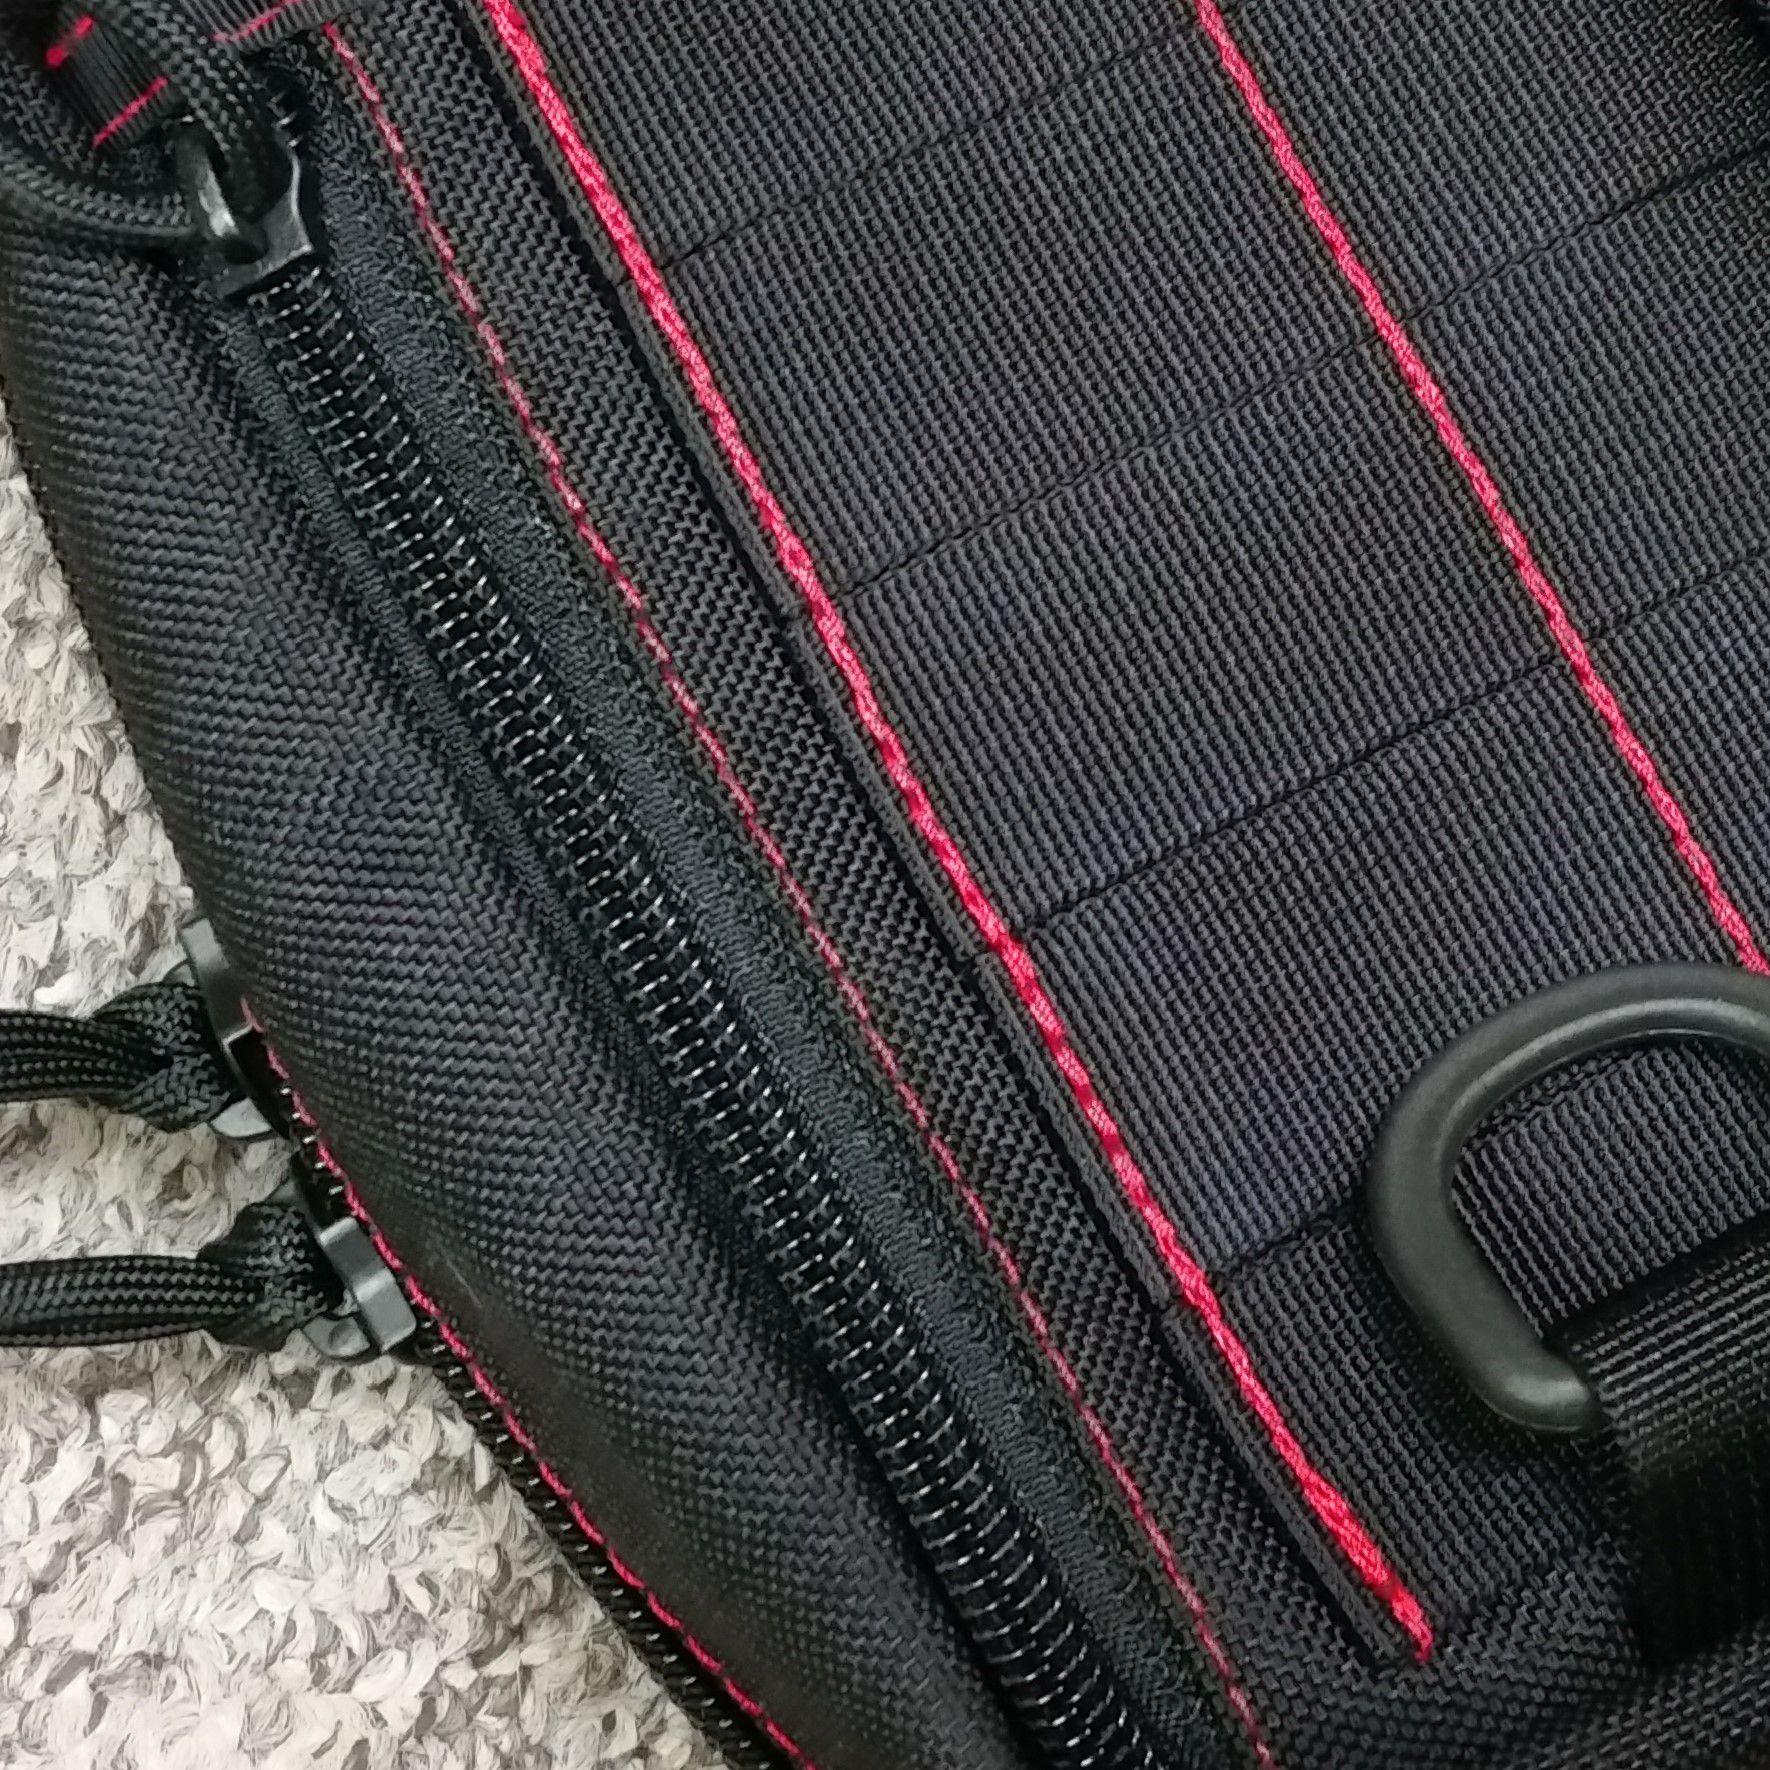 Flat pocket with upright zipper closure +12pln